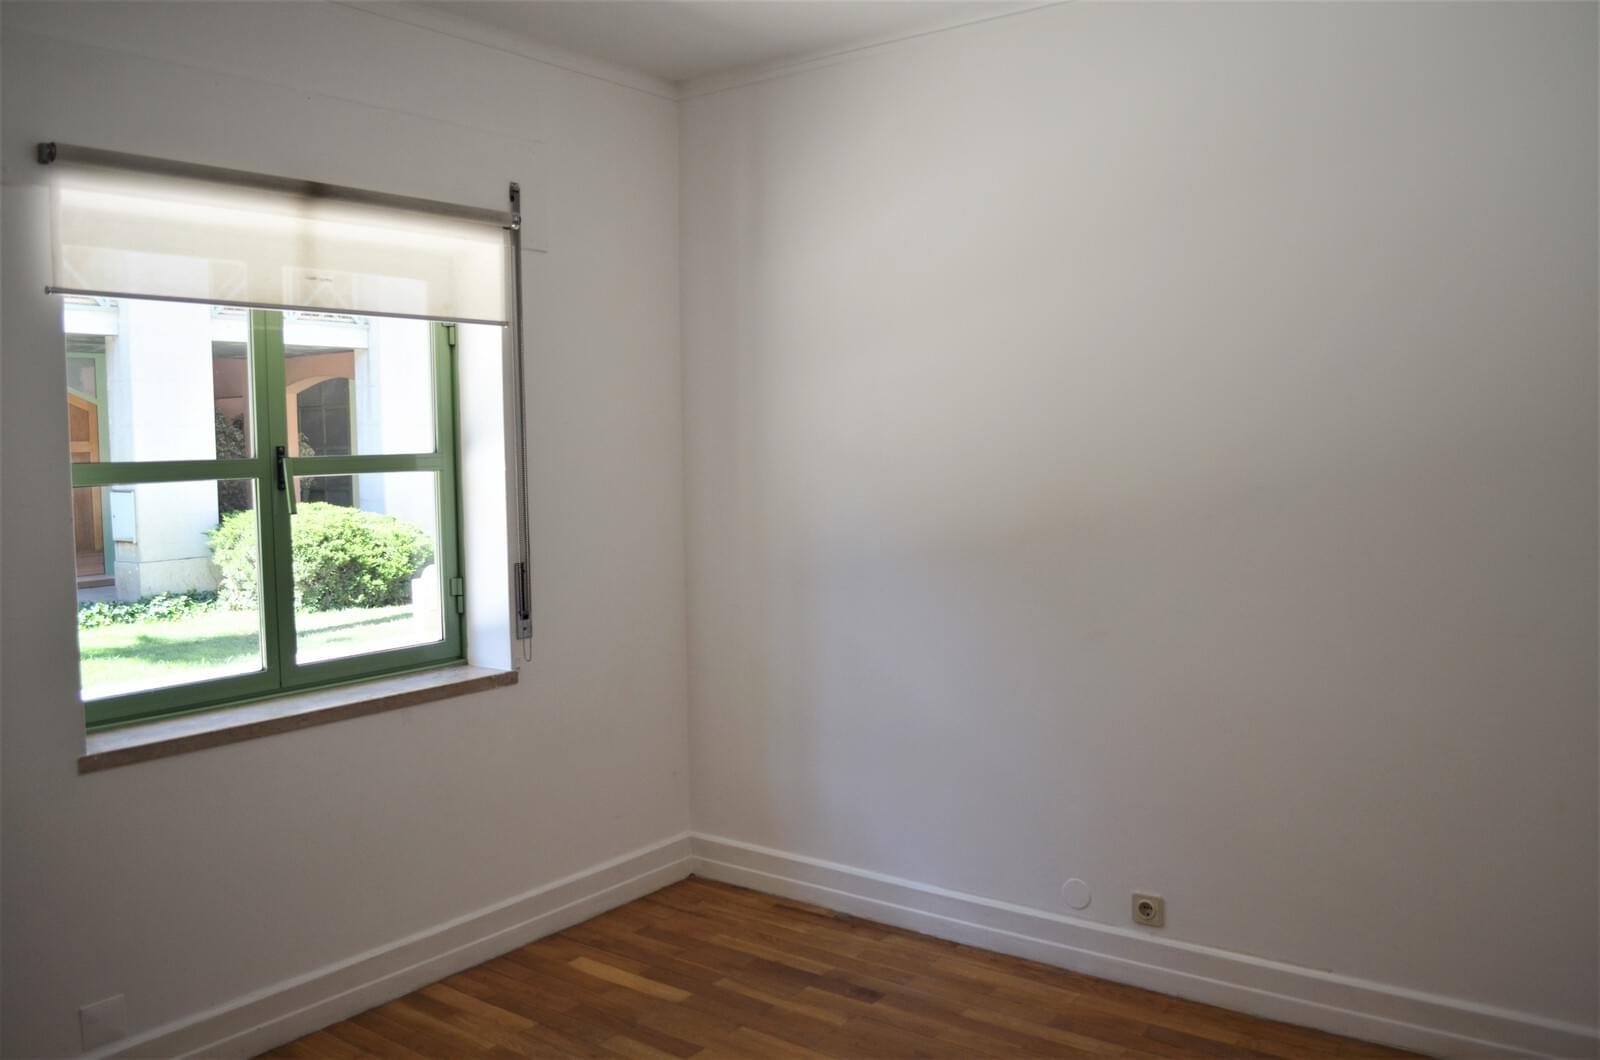 pf17565-apartamento-t3-lisboa-b99512d5-1d6c-4562-9505-840d35e30004